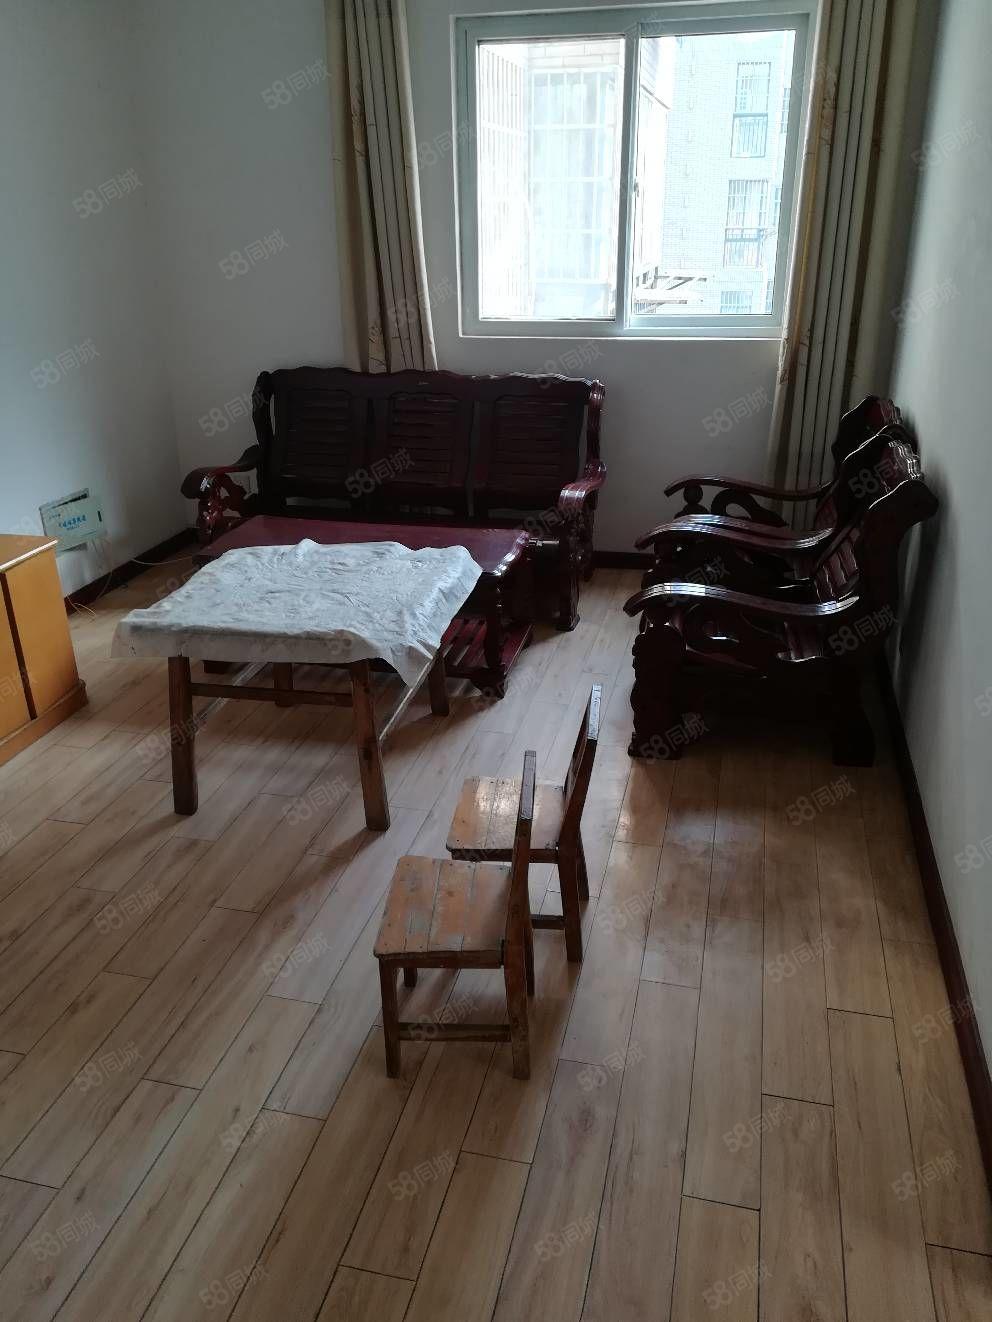 美高梅注册泊景城C区门口10楼两室2厅简装,空调桌子床沙发电视